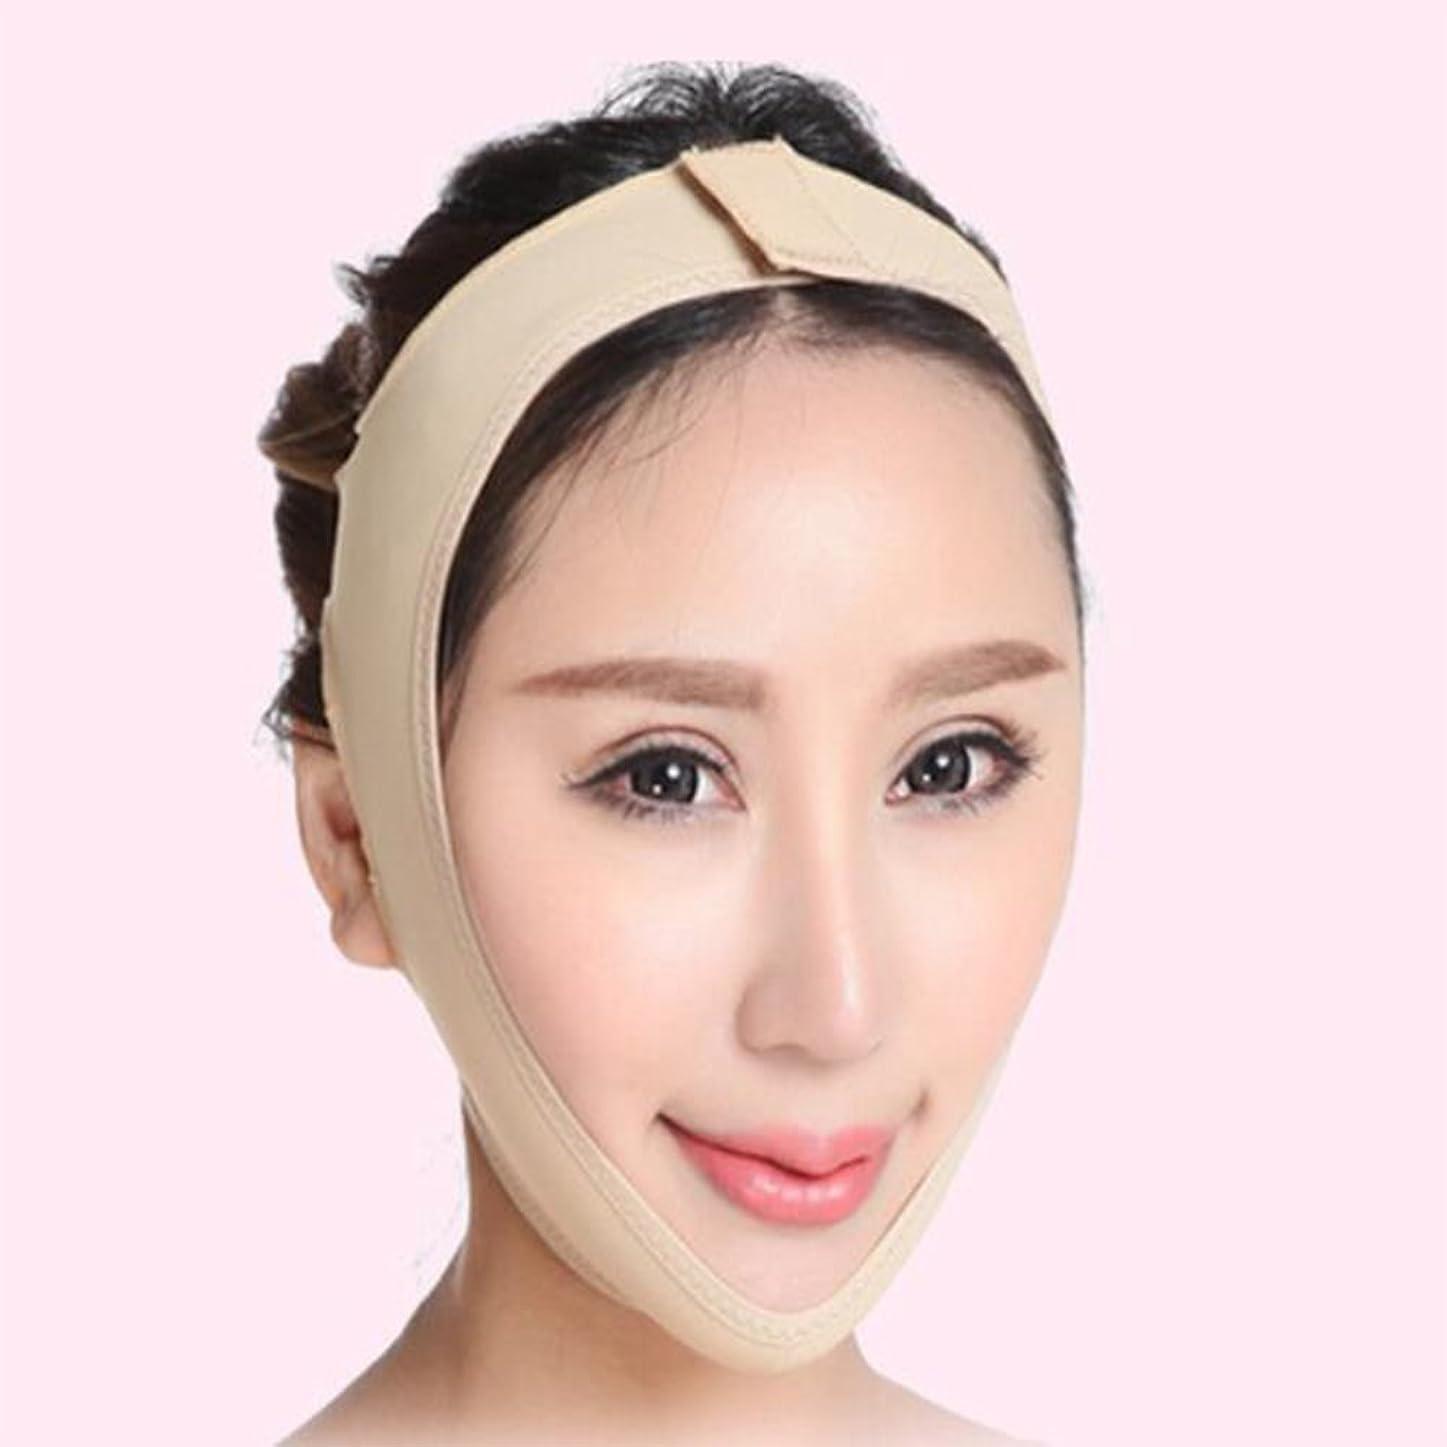 バターフルーティー助言1stモール 小顔 小顔マスク リフトアップ マスク フェイスライン 矯正 あご シャープ メンズ レディース Sサイズ ST-AZD15003-S